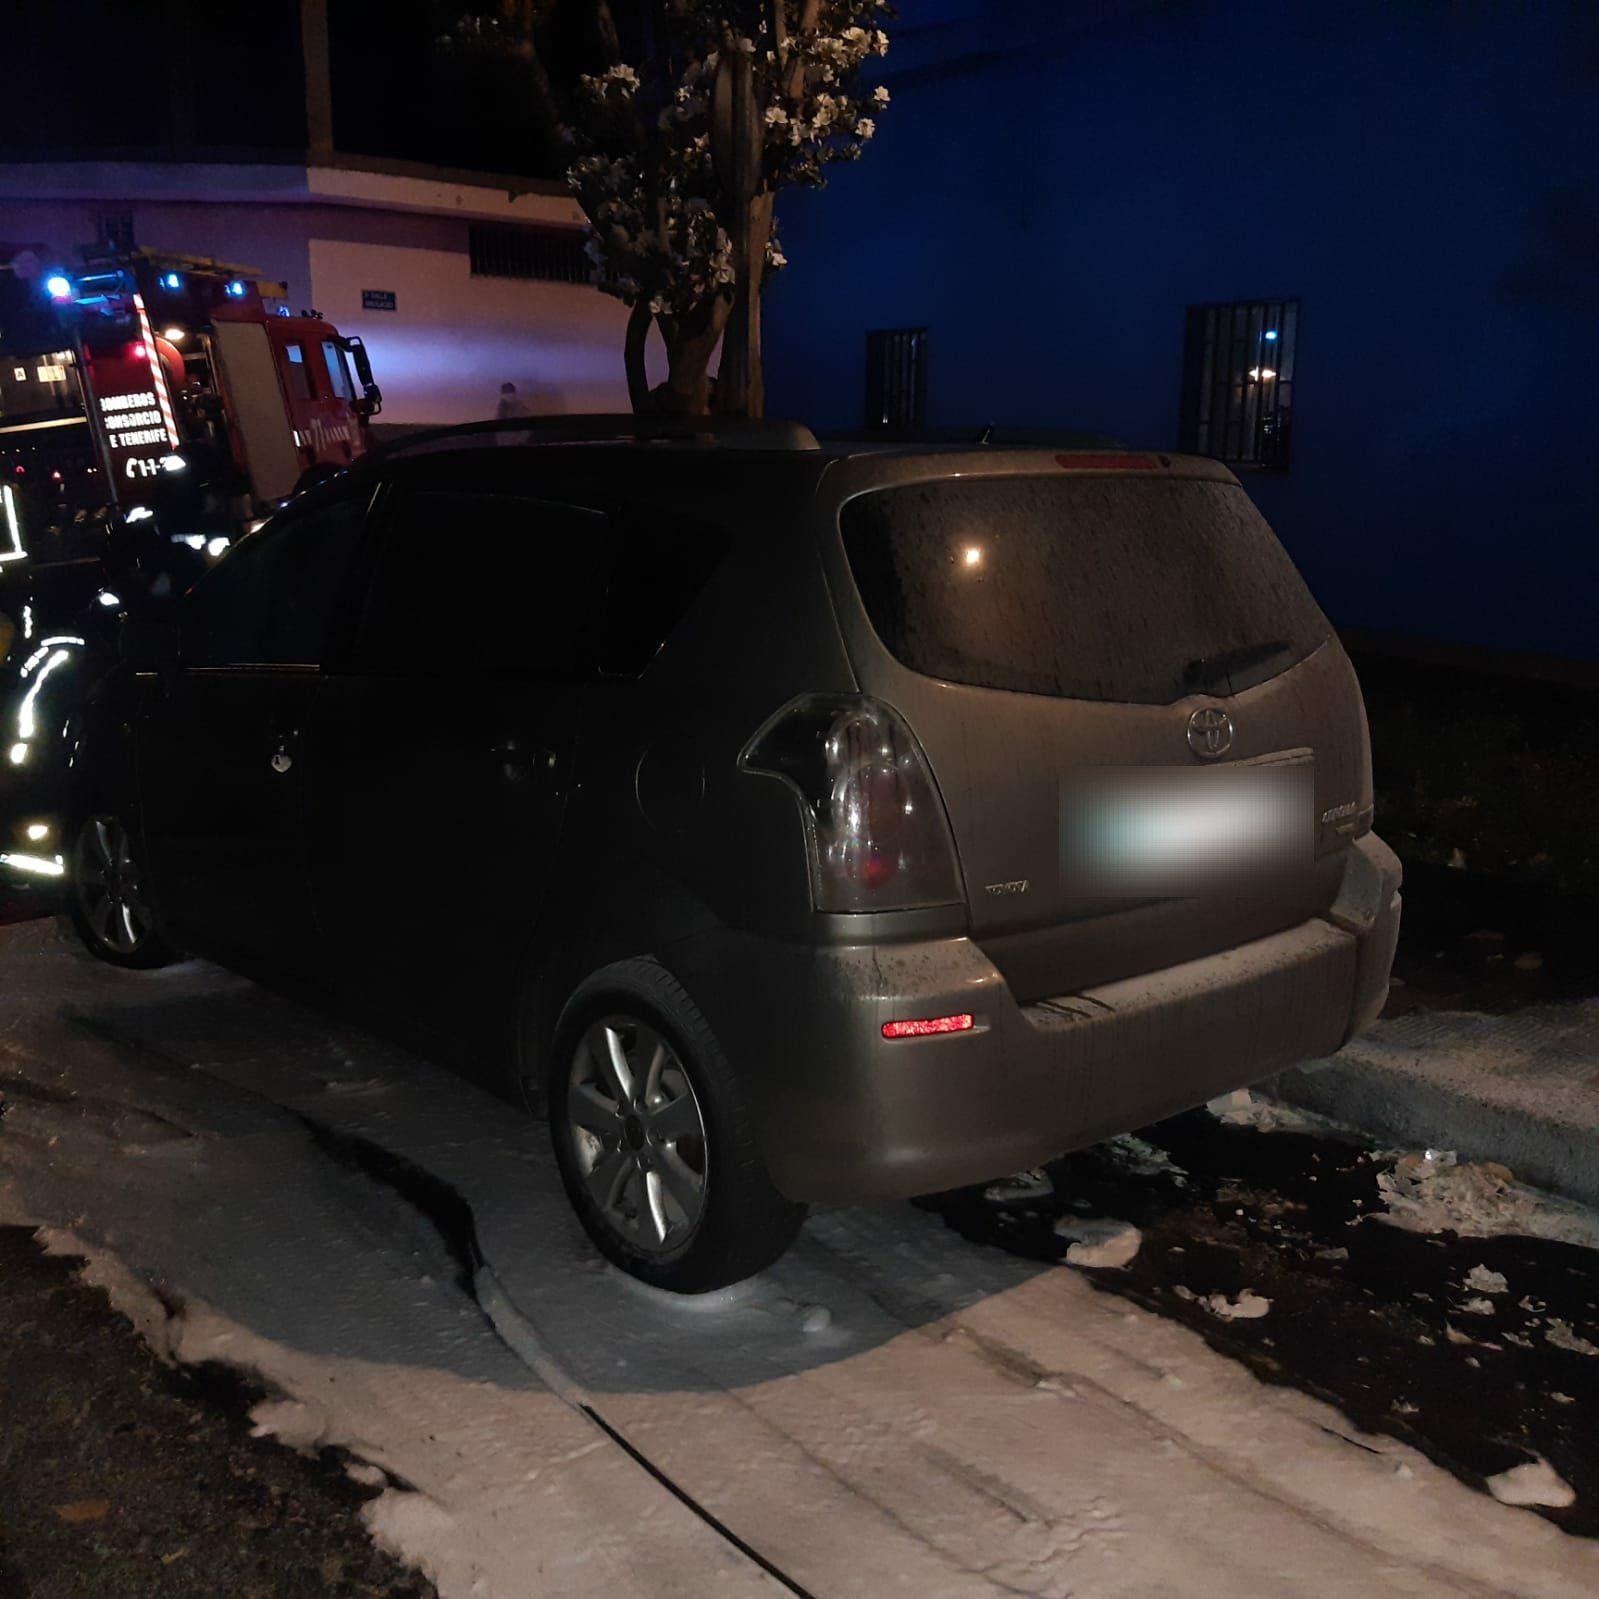 incendian dos vehículos en el barrio de San Matías